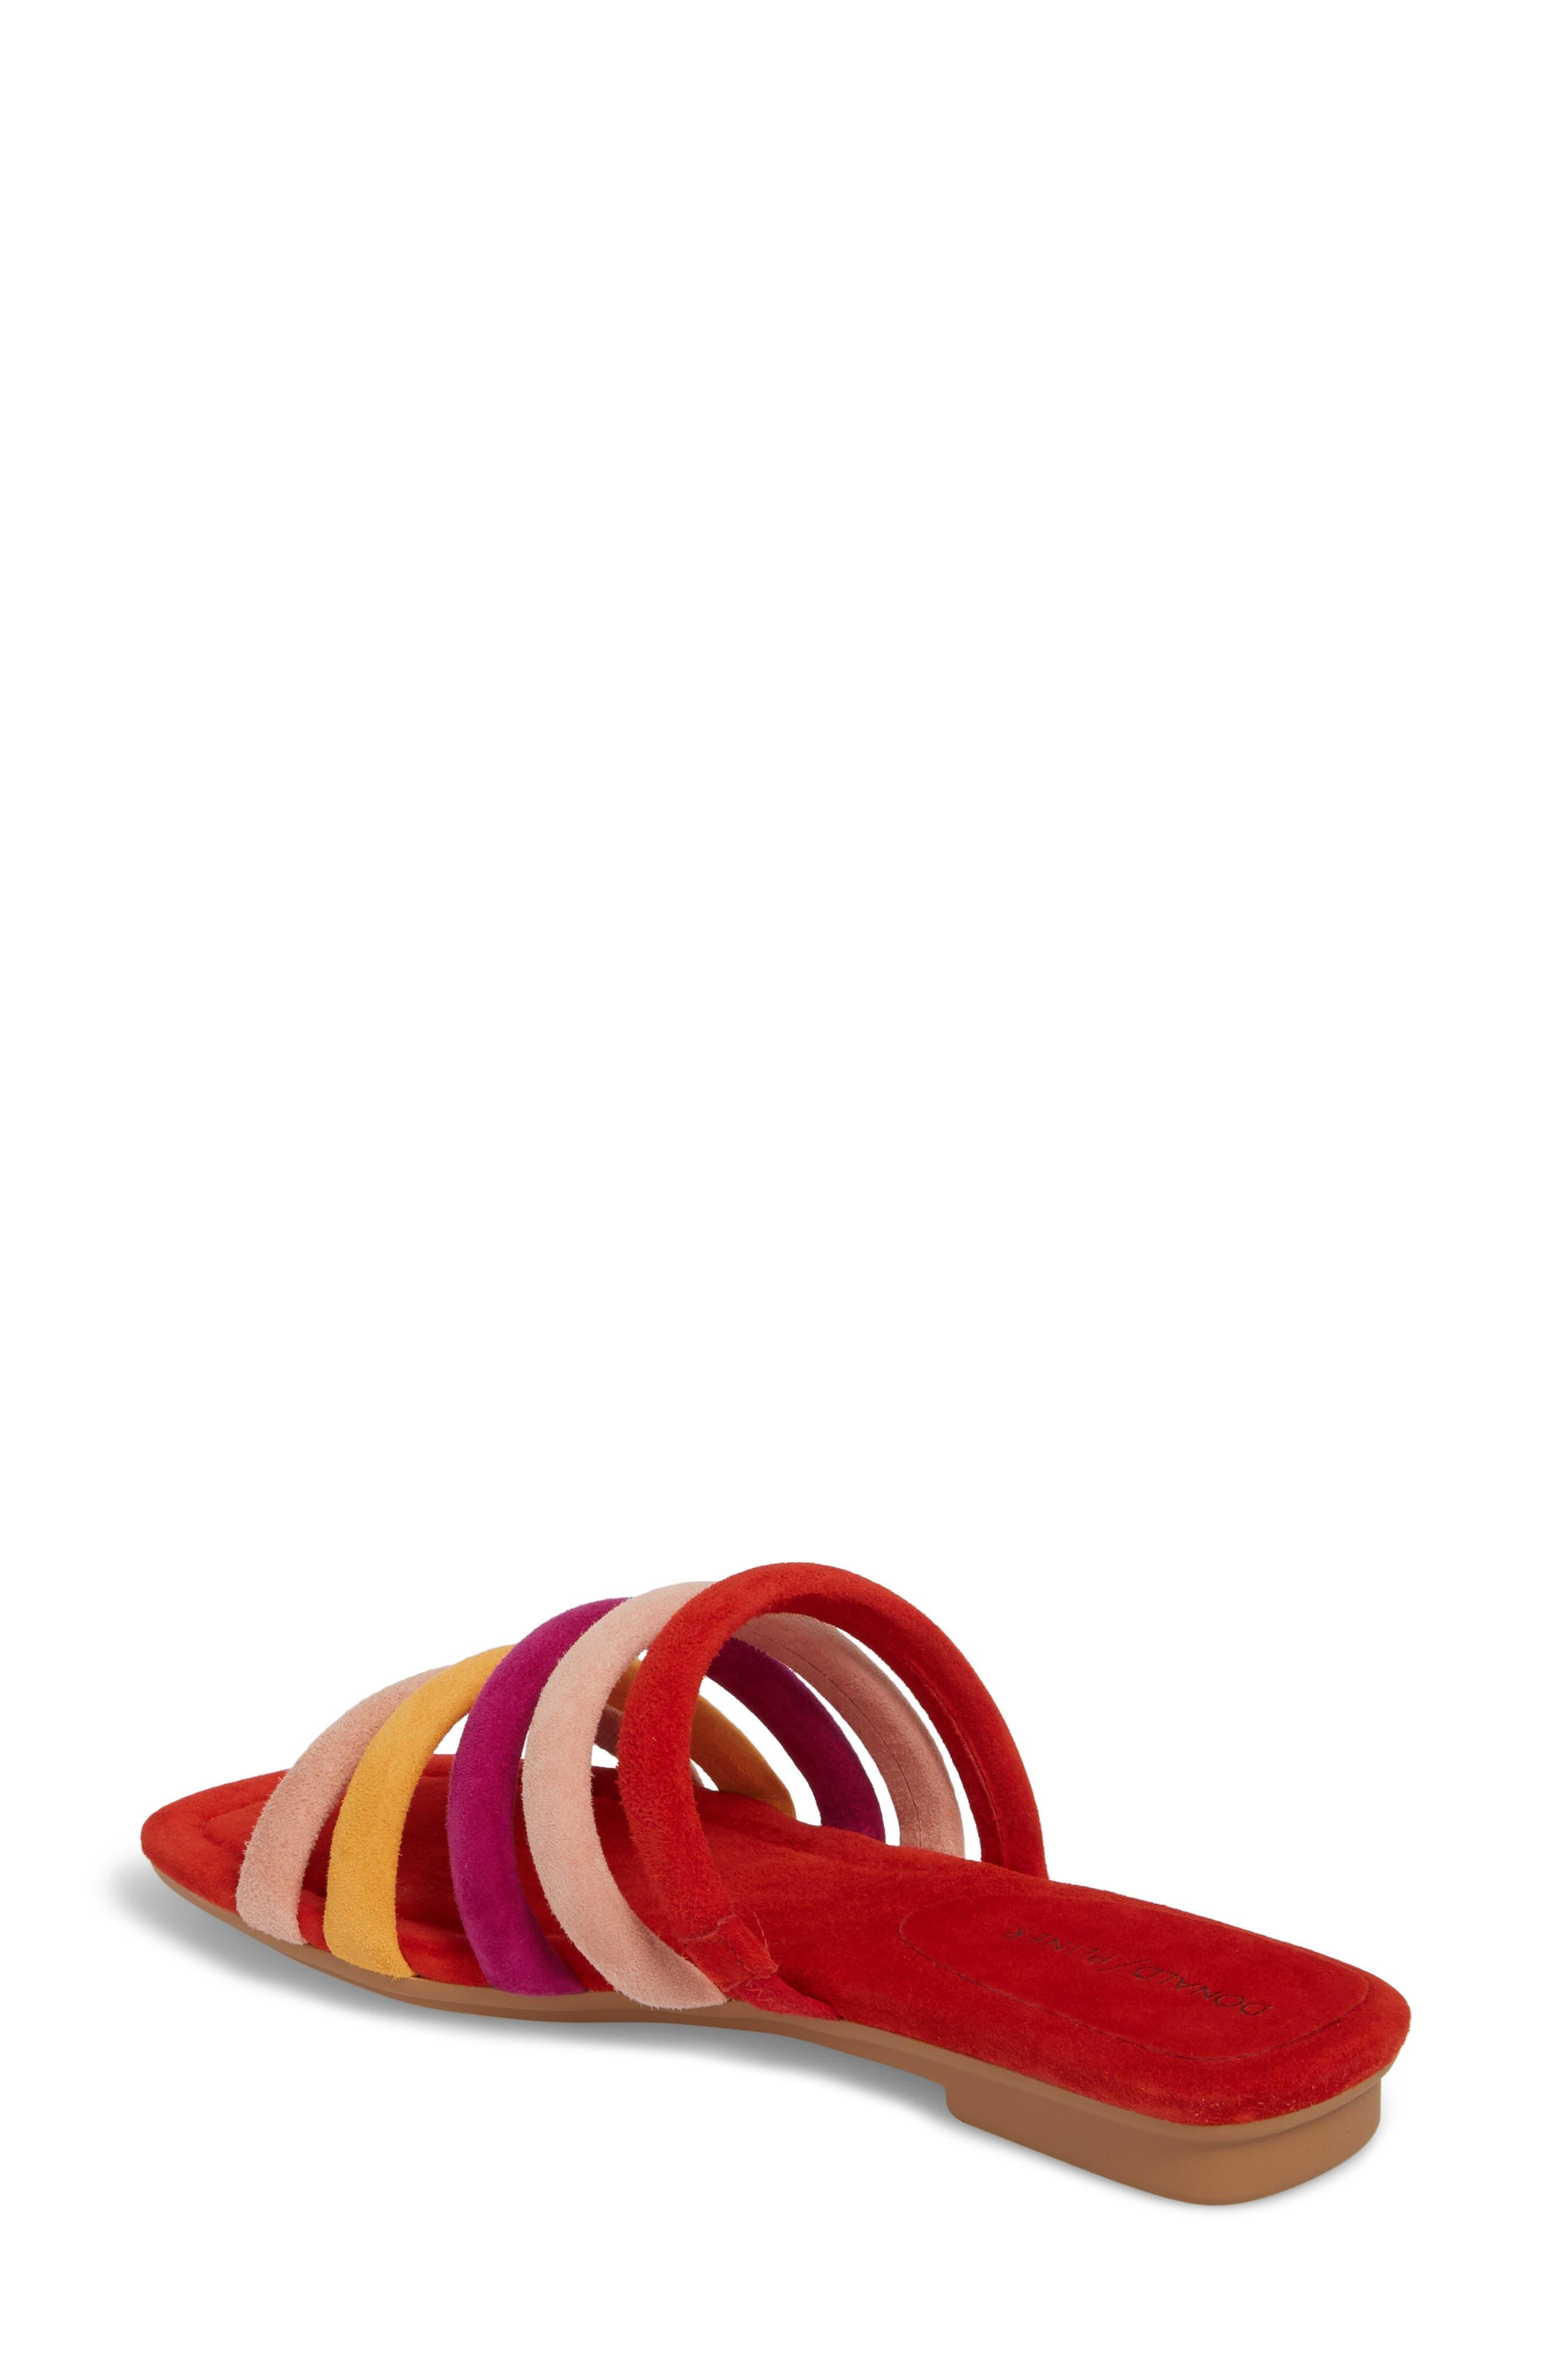 Kip Slide Sandal,                             Alternate thumbnail 5, color,